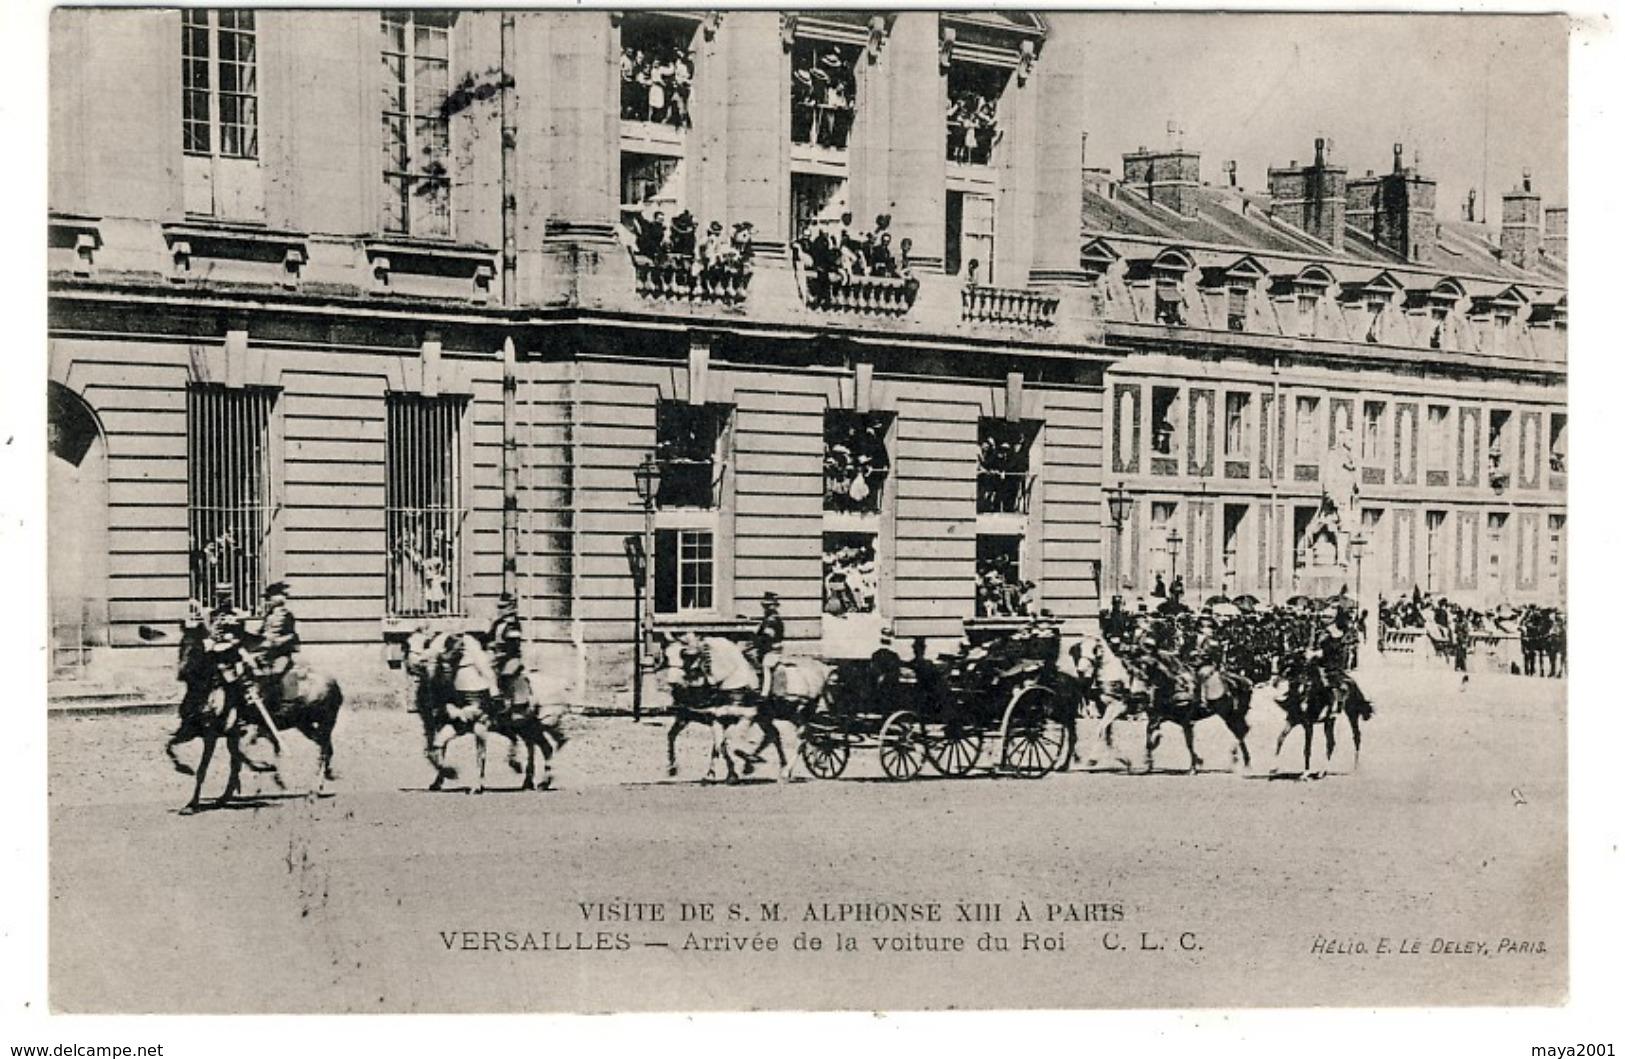 LOT  DE 35 CARTES  POSTALES  ANCIENNES  DIVERS  FRANCE  N19 - Cartes Postales